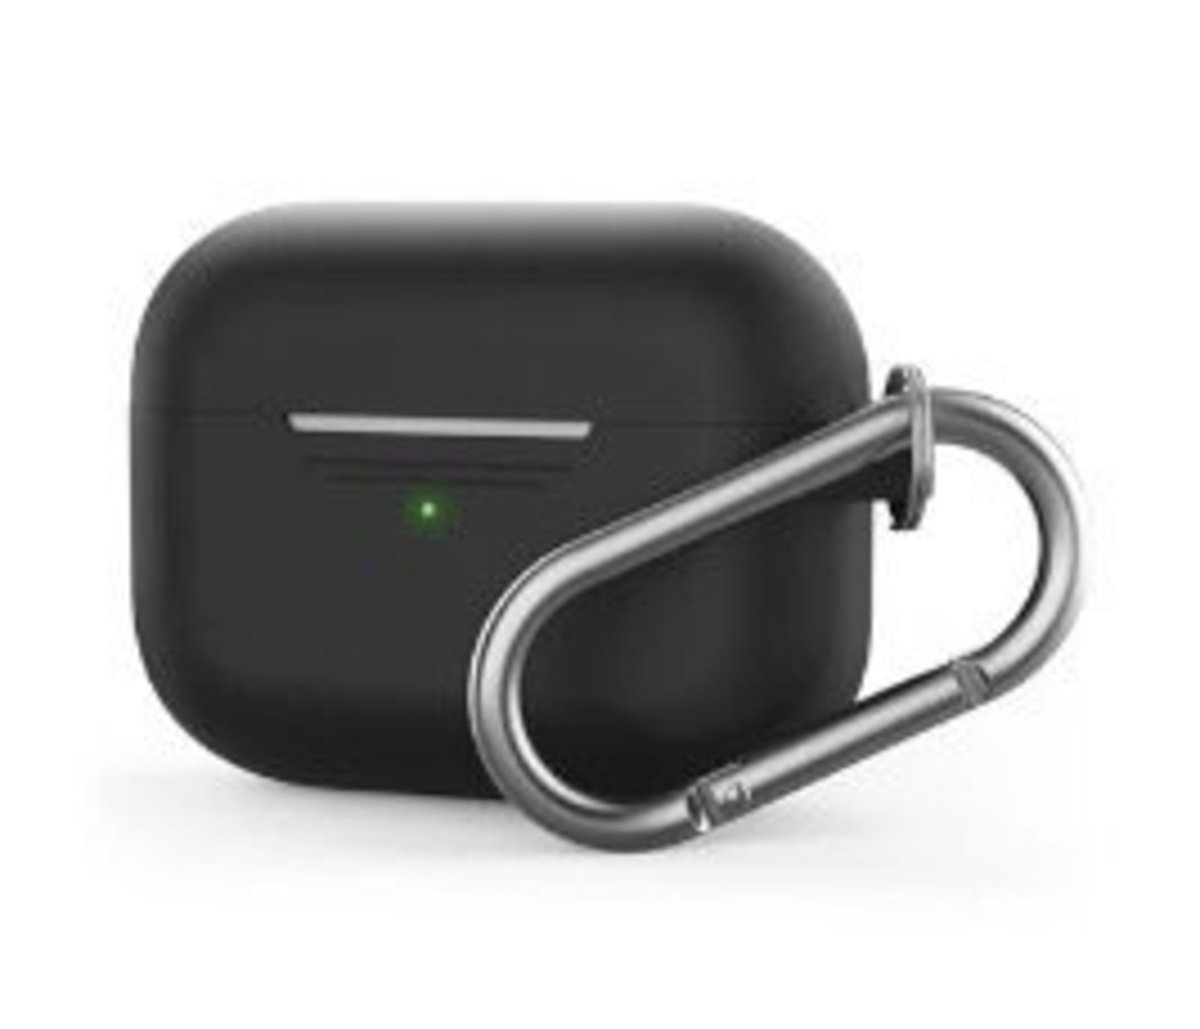 AirPods Pro Silicon Slim Case - Black